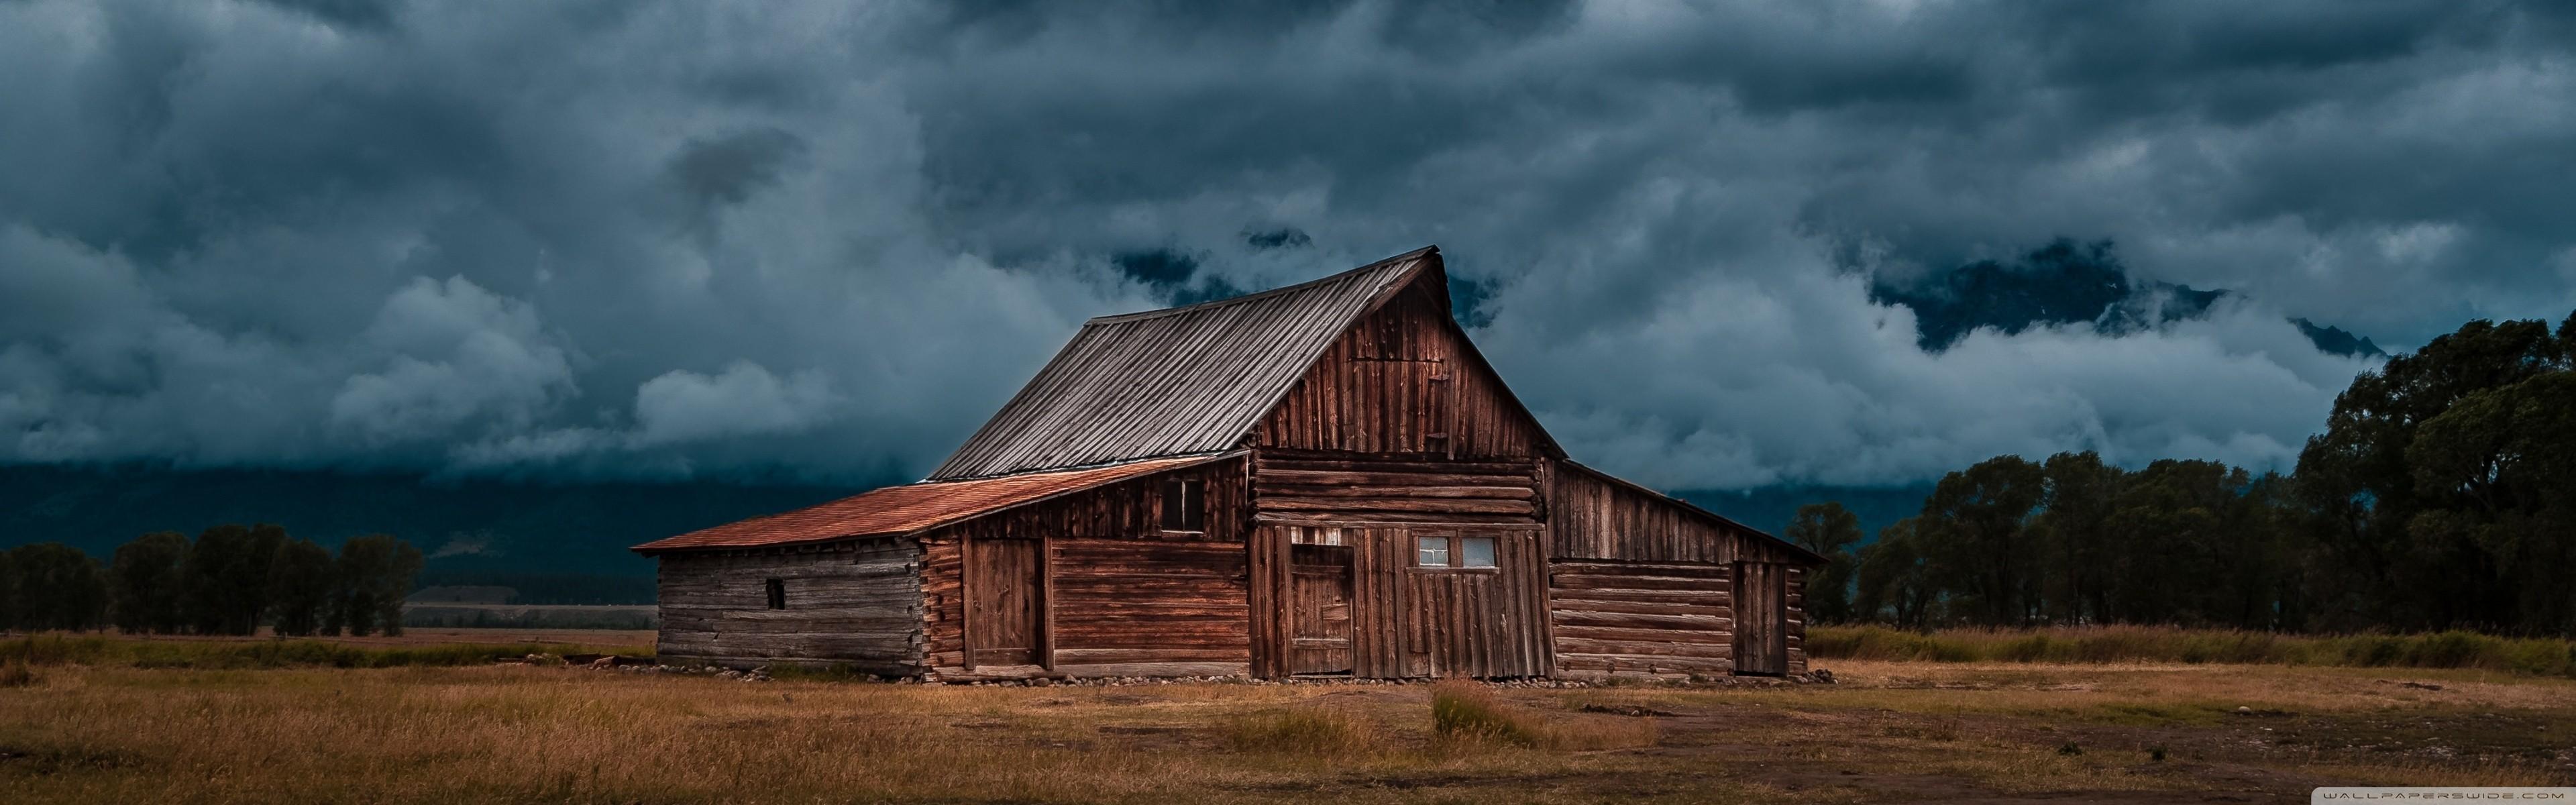 Dark Storm Clouds HD desktop wallpaper Fullscreen Mobile